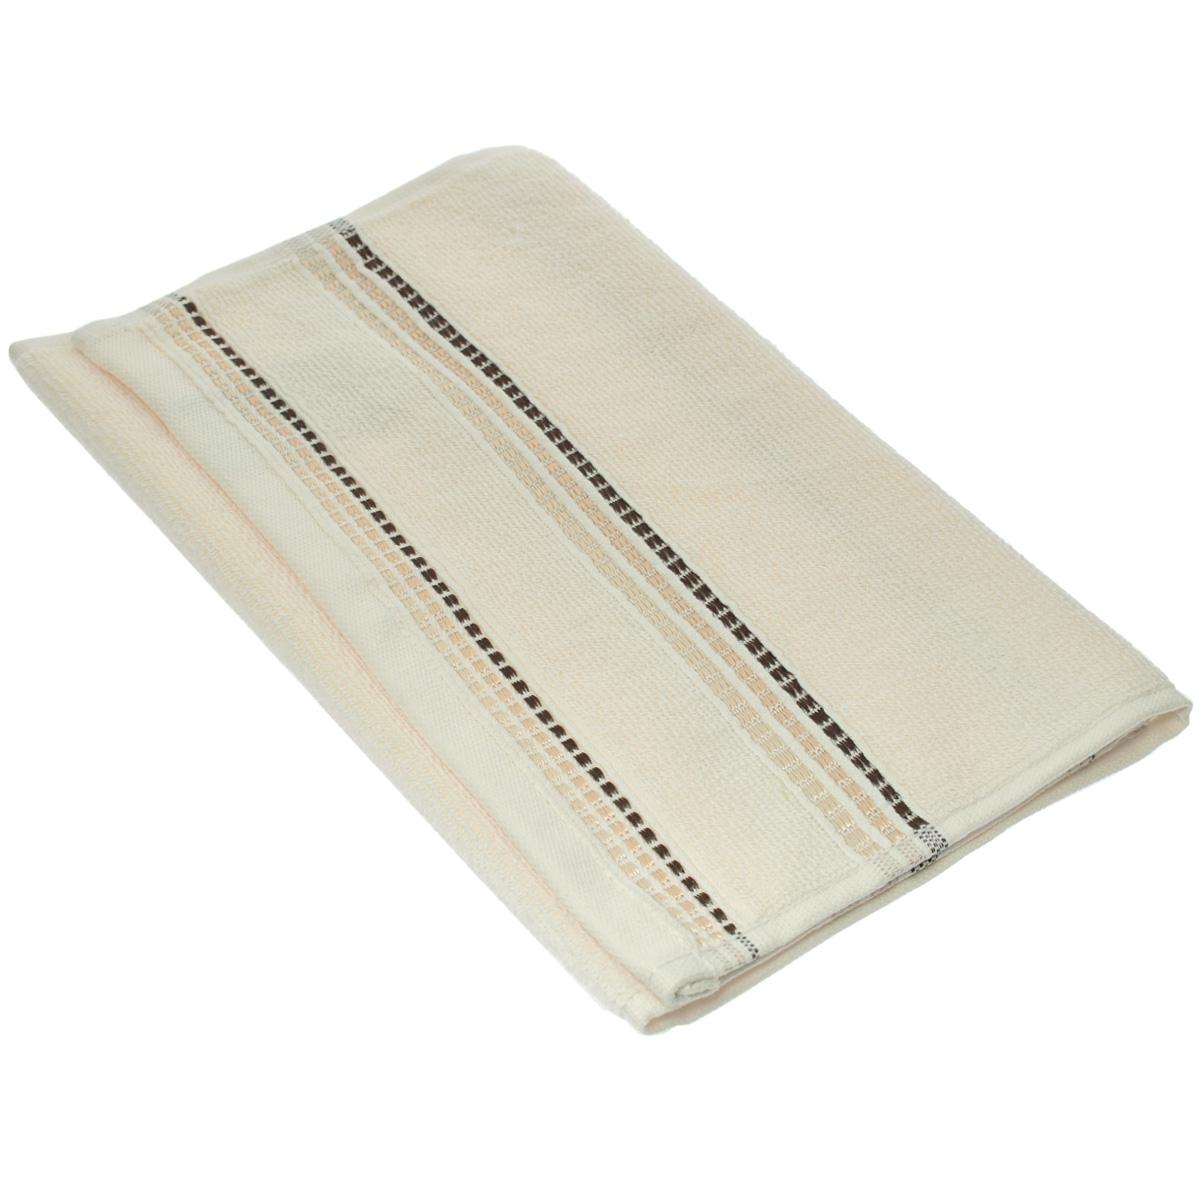 Полотенце махровое Coronet Пиано, цвет: молочный, 30 см х 50 см84550Махровое полотенце Coronet Пиано, изготовленное из натурального хлопка, подарит массу положительных эмоций и приятных ощущений. Полотенце отличается нежностью и мягкостью материала, утонченным дизайном и превосходным качеством. Оно прекрасно впитывает влагу, быстро сохнет и не теряет своих свойств после многократных стирок. Махровое полотенце Coronet Пиано станет достойным выбором для вас и приятным подарком для ваших близких. Мягкость и высокое качество материала, из которого изготовлены полотенца не оставит вас равнодушными.